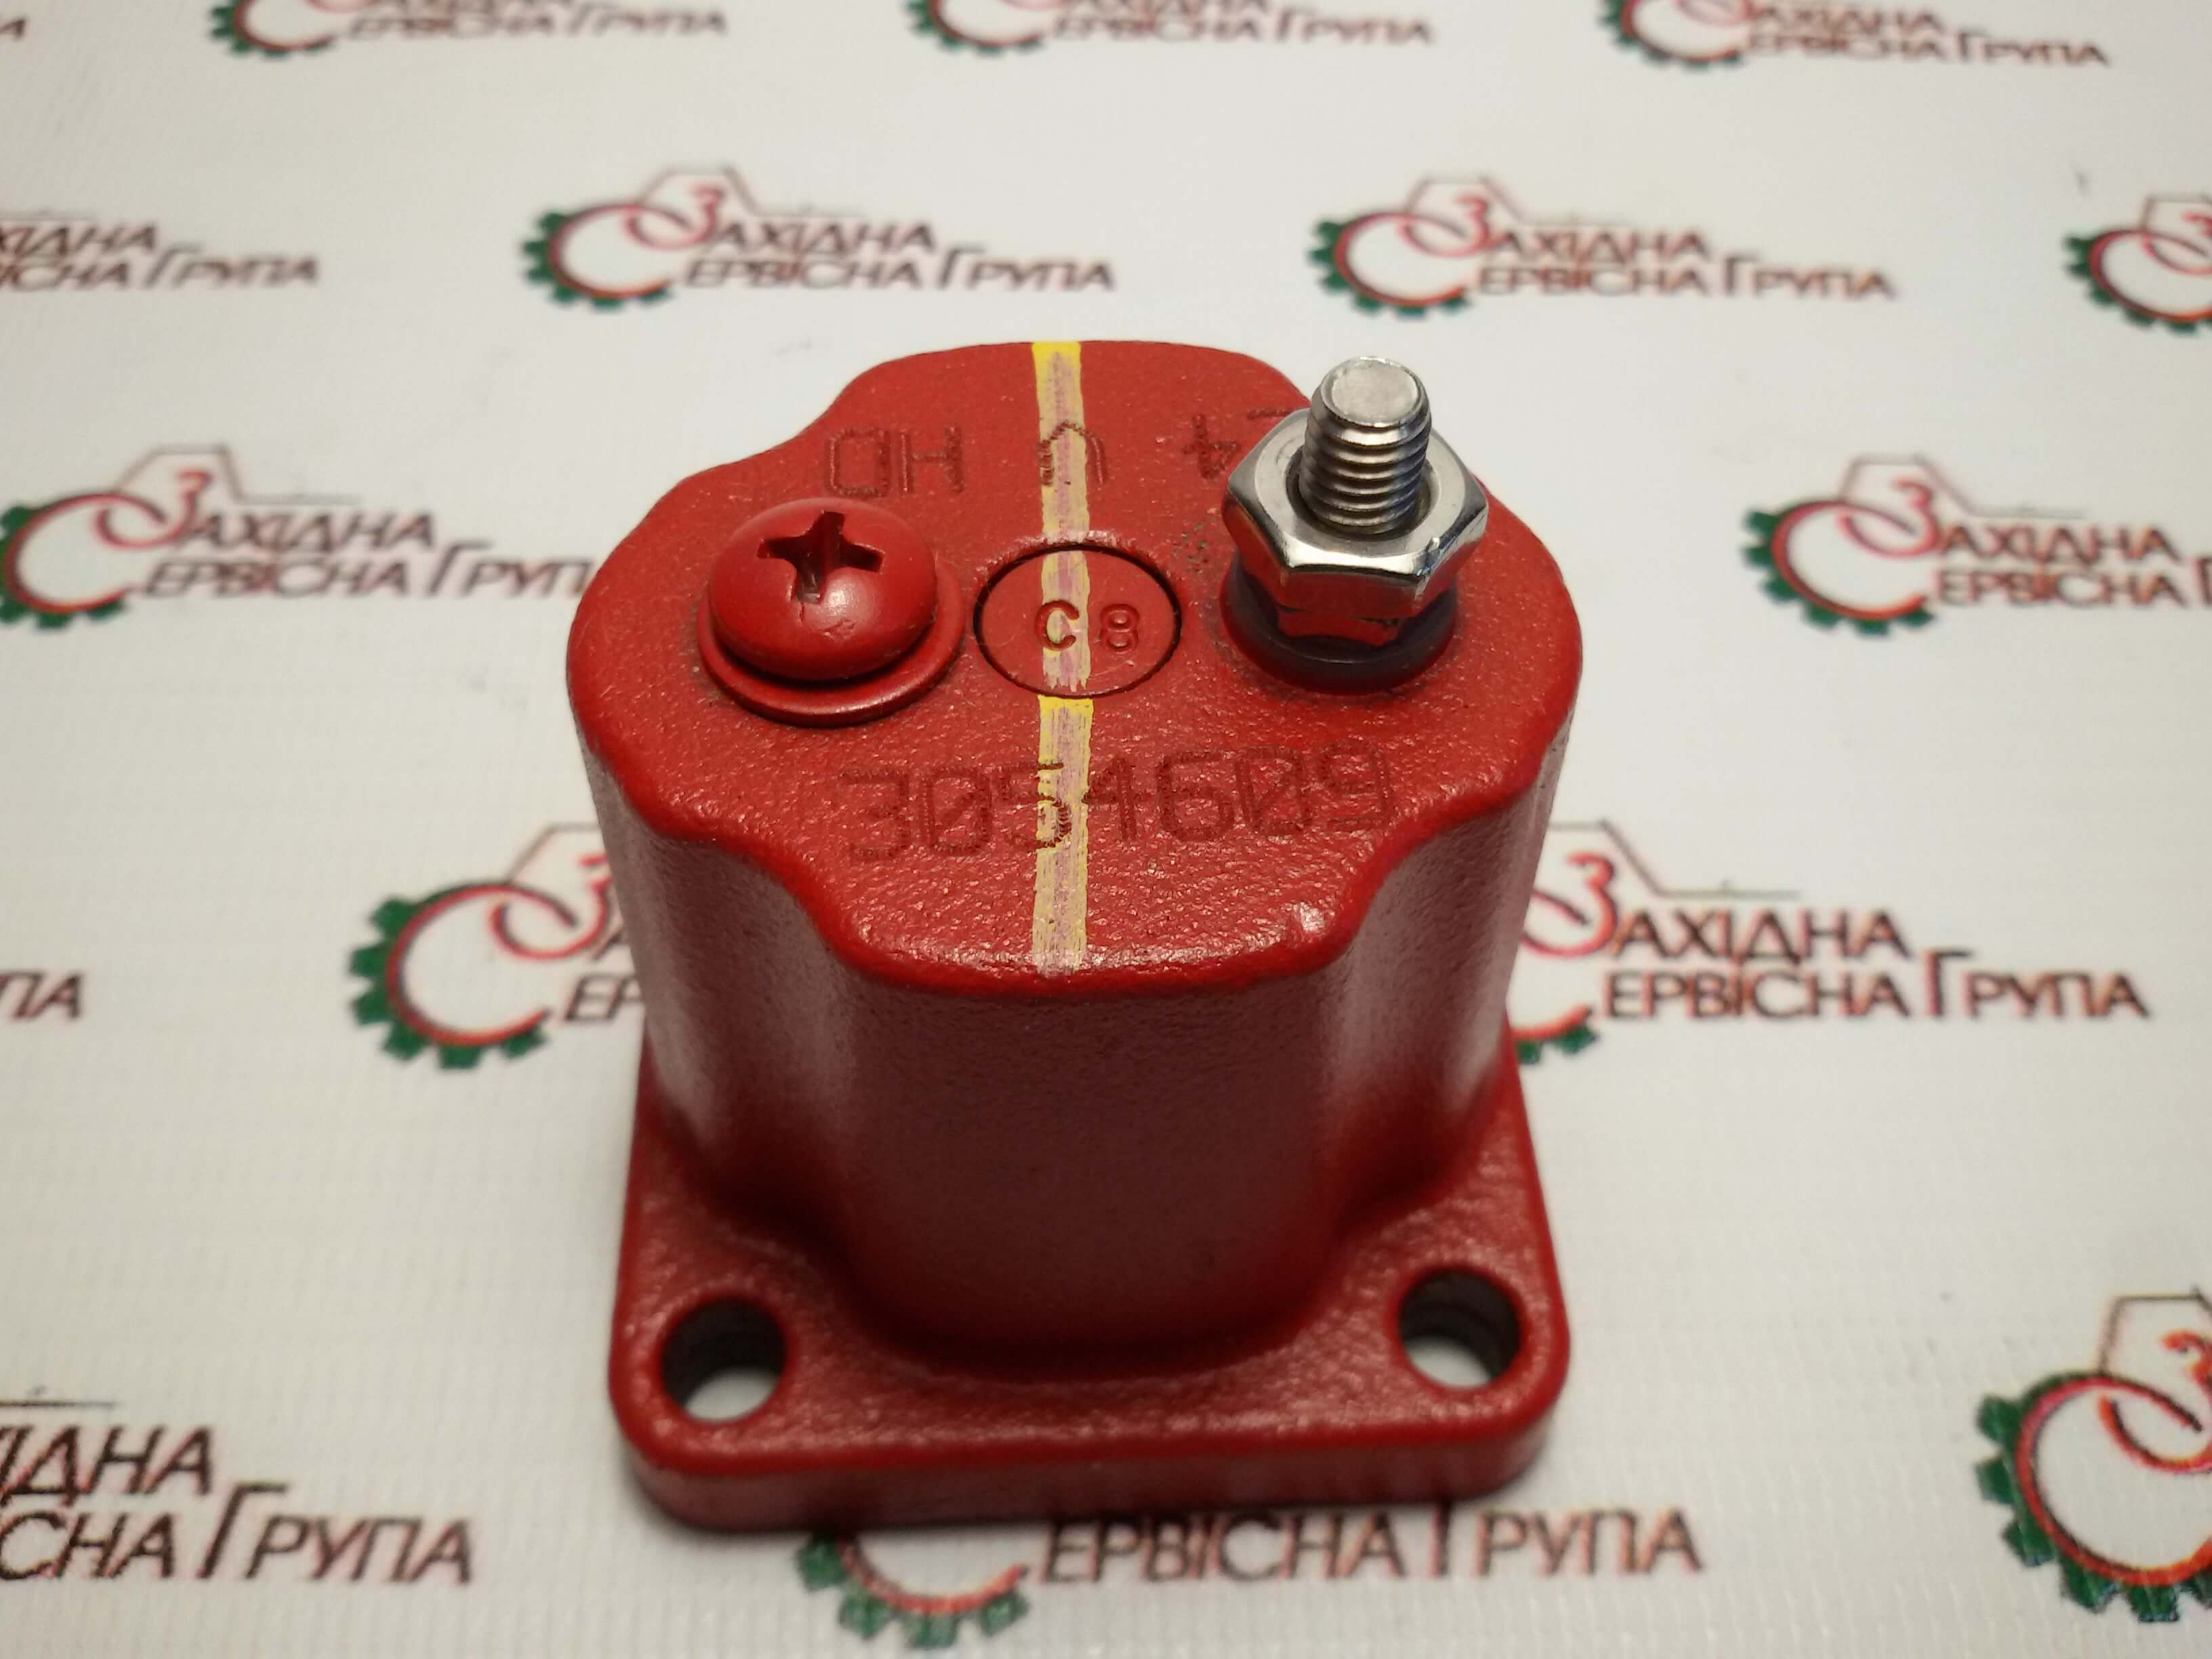 Клапан електромагнітний (соленоїд) 24V Cummins KTA19, M11, 4024809, 3054609, 196066.